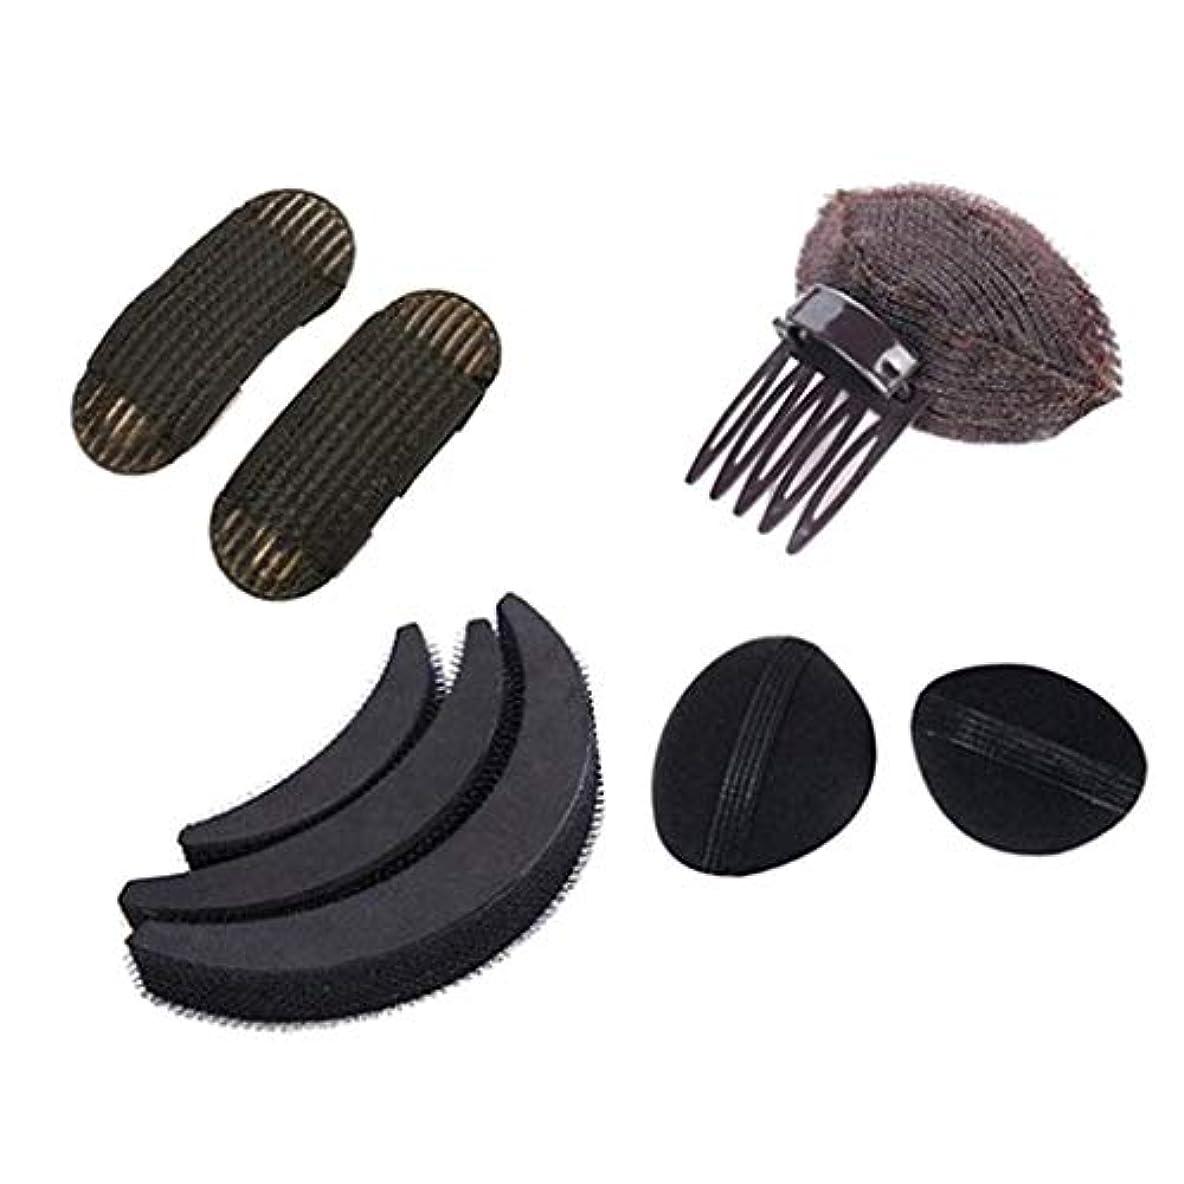 貫通辞任する見物人女の子 ヘアスタイルツールキット ヘアスタイリング 髪型作成ツール ヘアステッカー 4種類 - B